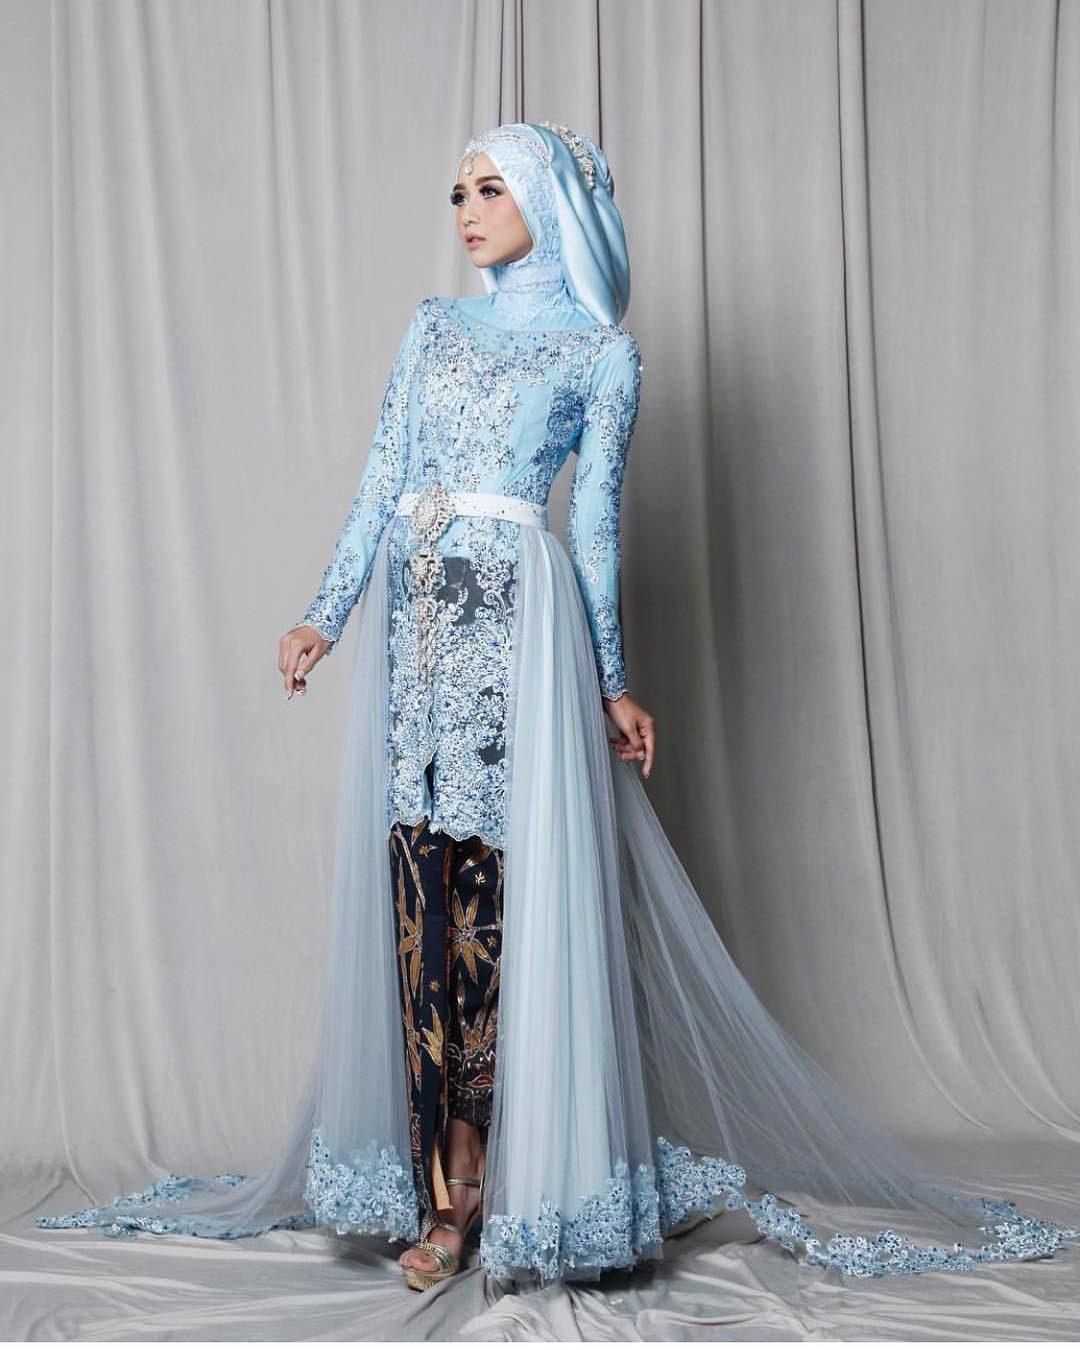 Ide Baju Pengantin Muslim Sederhana Etdg 30 Model Gamis Pengantin Brokat Fashion Modern Dan